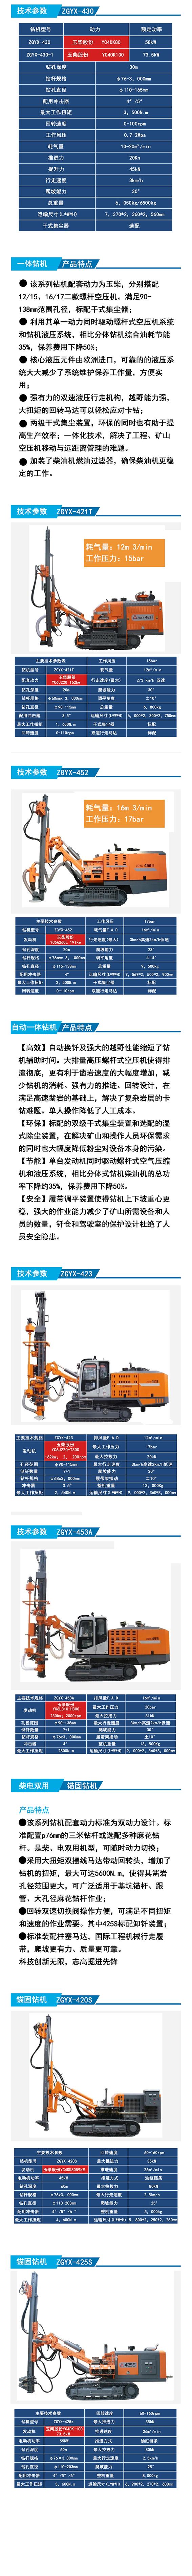 2020-04-1874-1 浙江志高机械露天潜孔钻机系列介绍